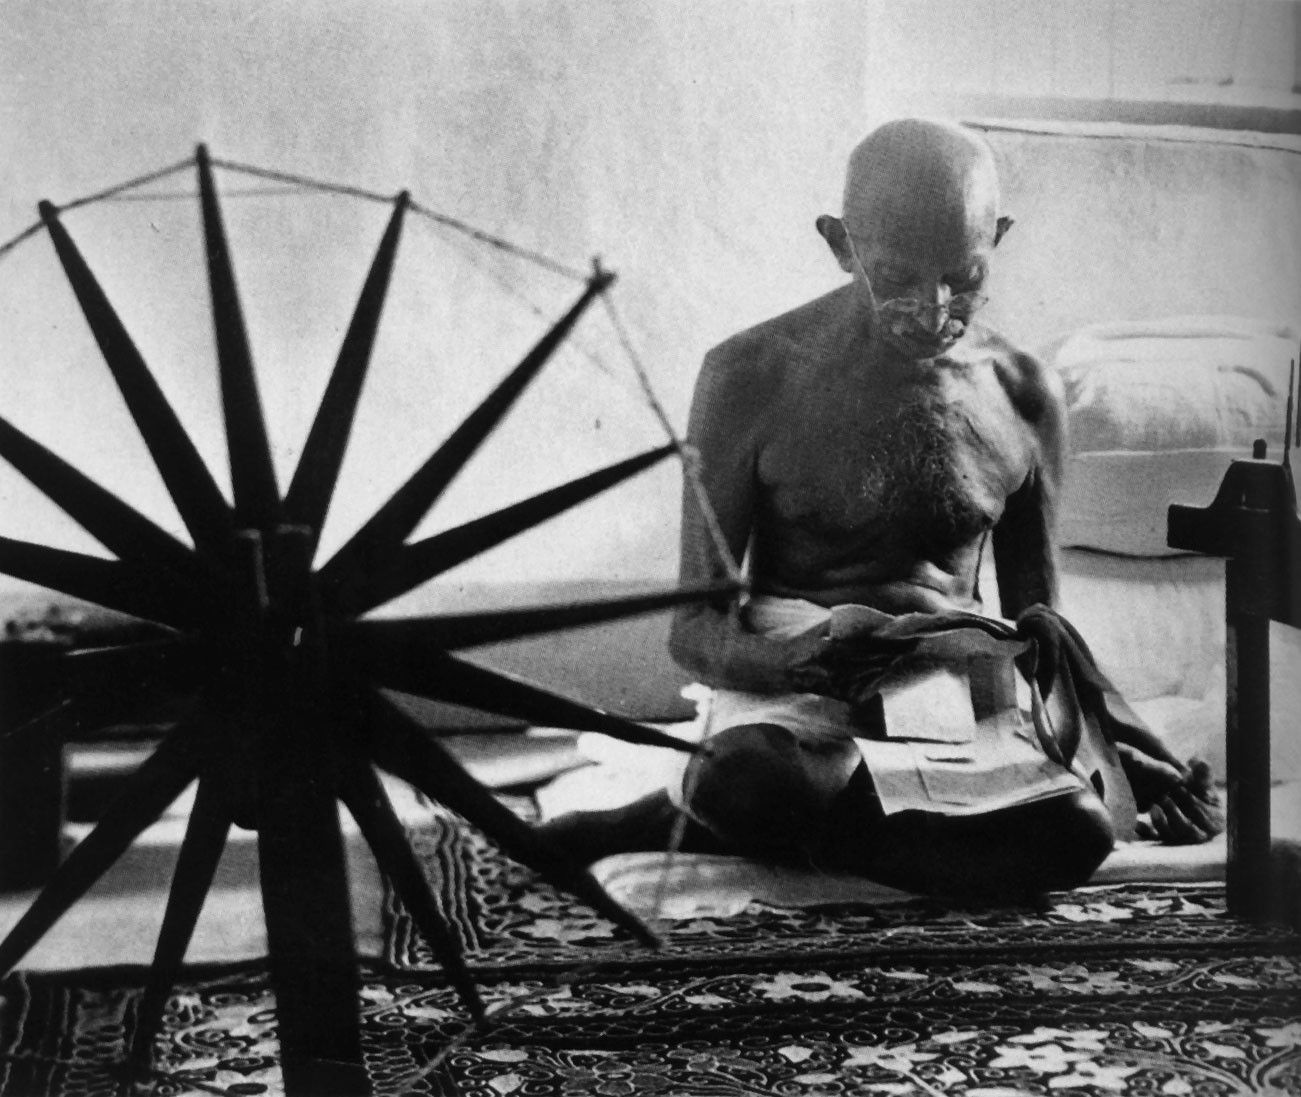 Gandhi at his Spinning Wheel - Margaret Bourke-White